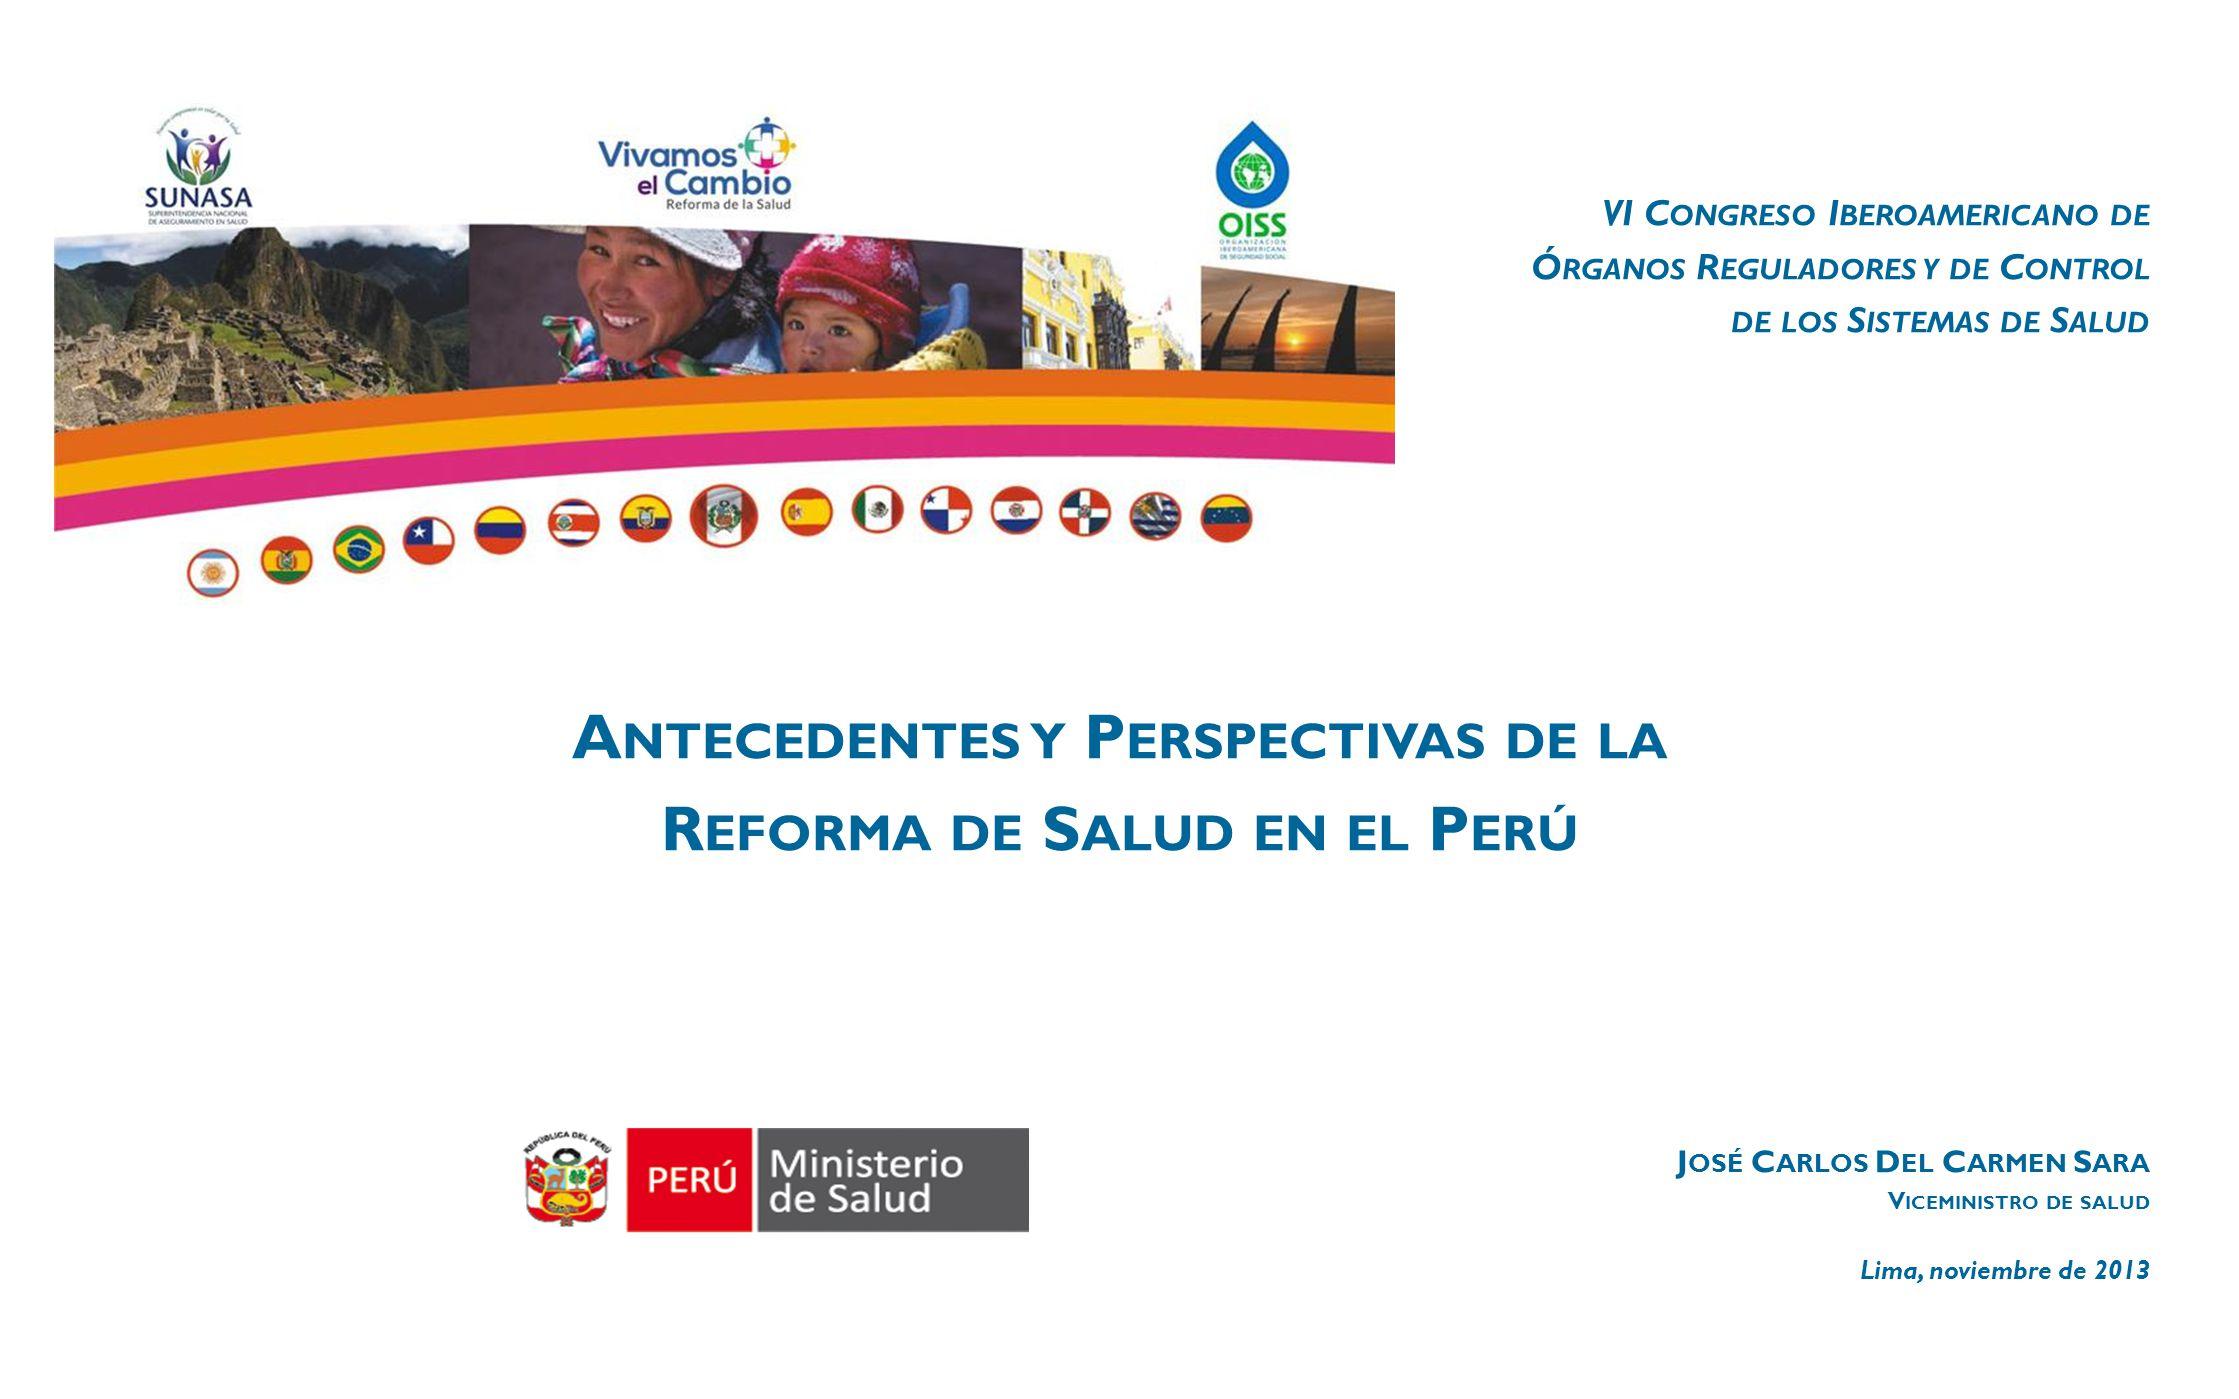 Antecedentes y Perspectivas de la Reforma de Salud en el Perú